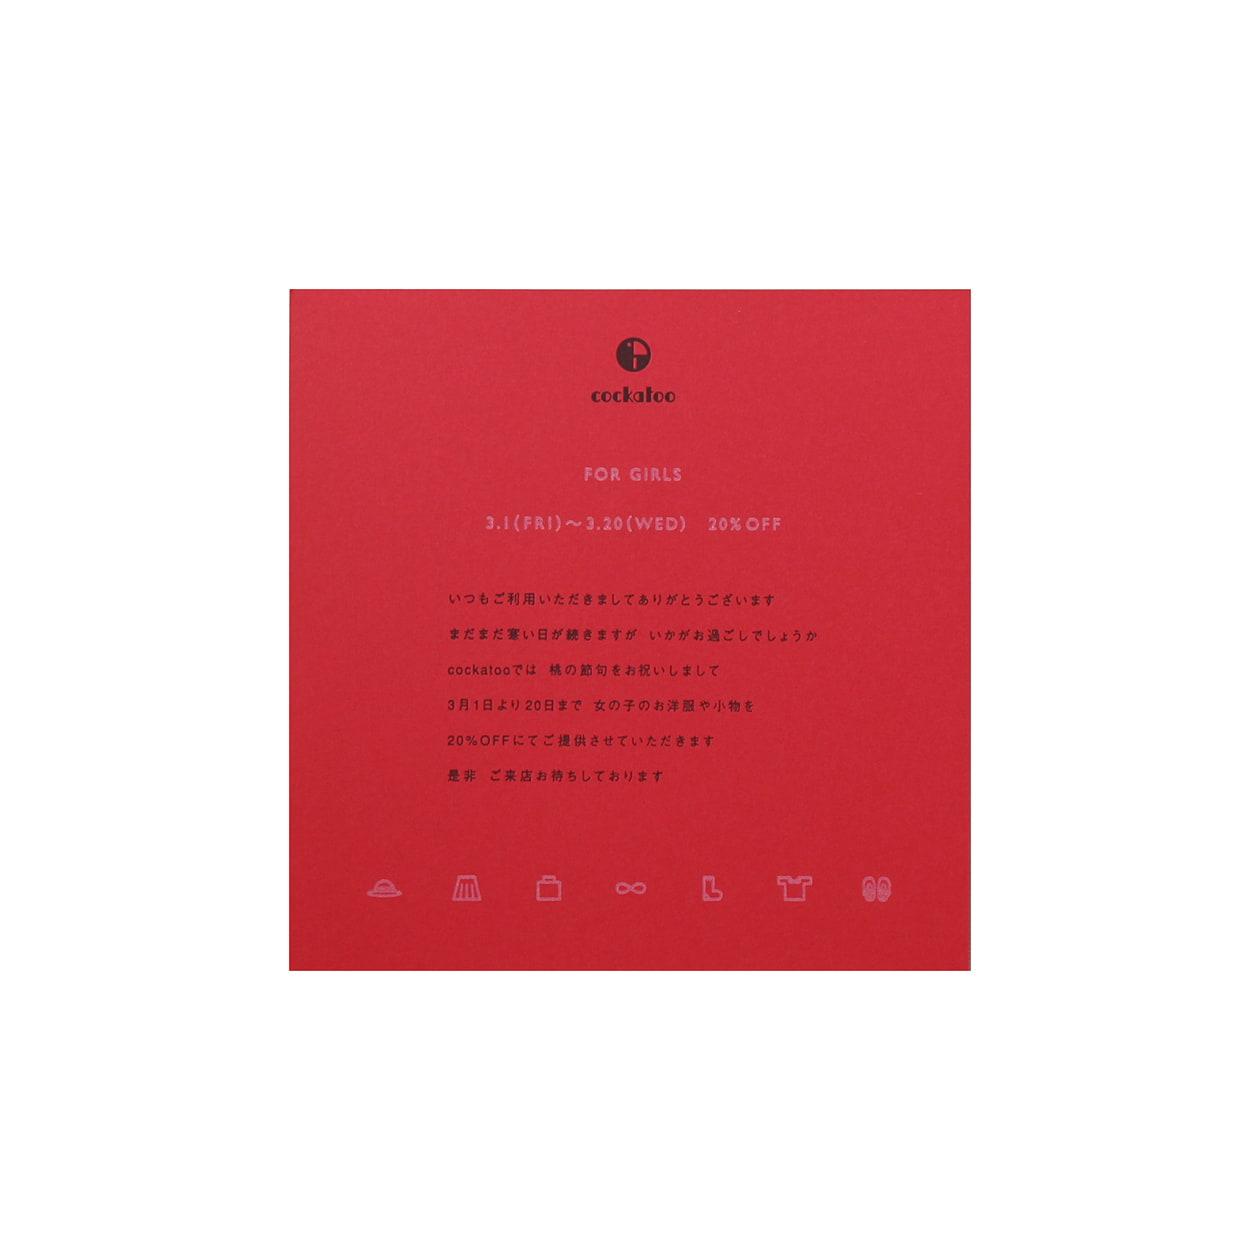 サンプル カード・シート 00119